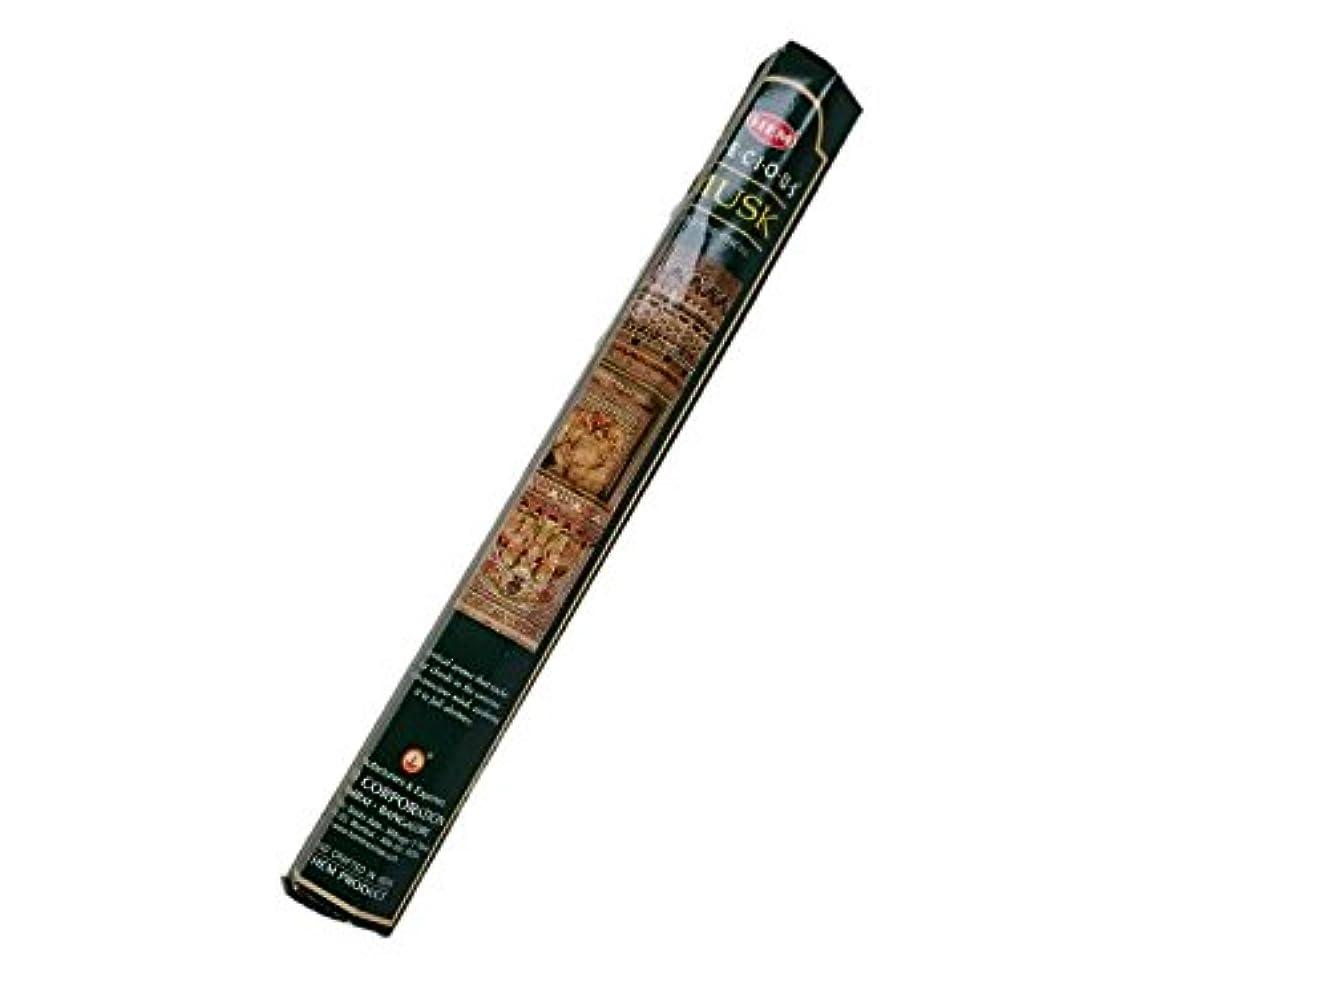 大砲ピンポイント成長するHEM(ヘム)お香:プレシャスムスク スティックお香/インセンス/1箱